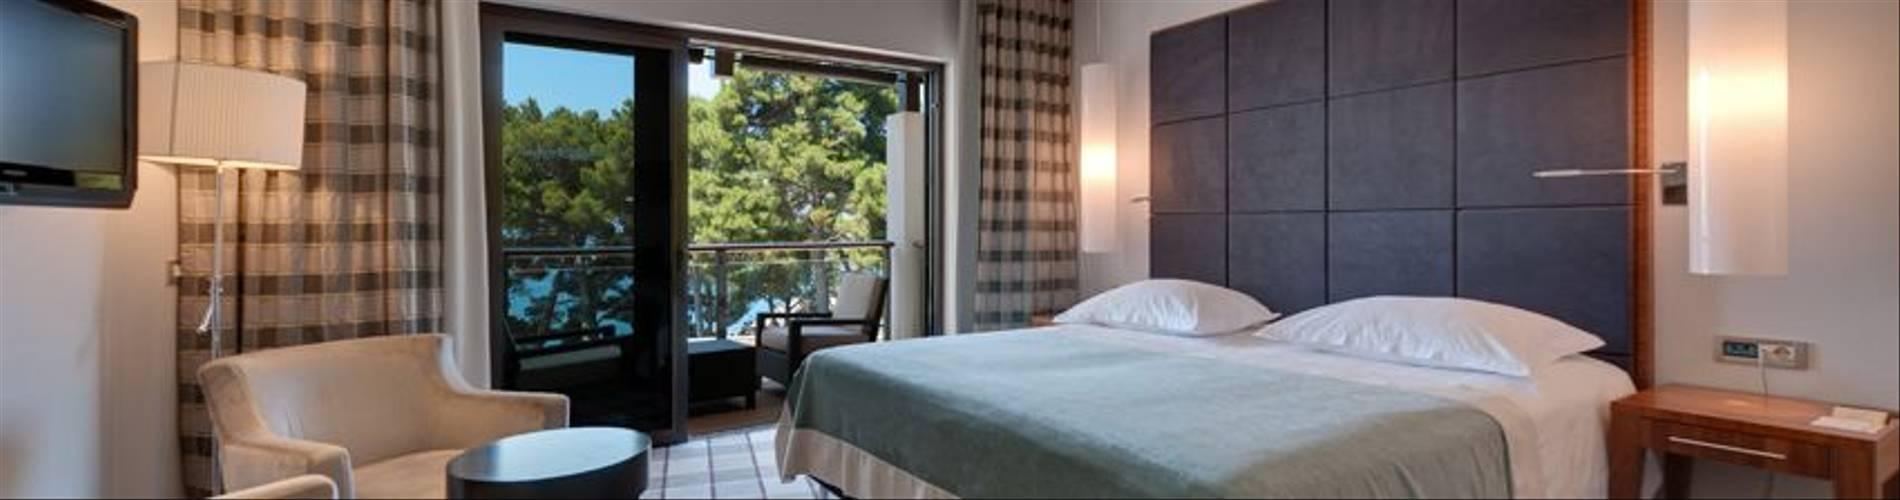 Monte Mulini, Rovinj, Croatia, Junior Suite.jpg